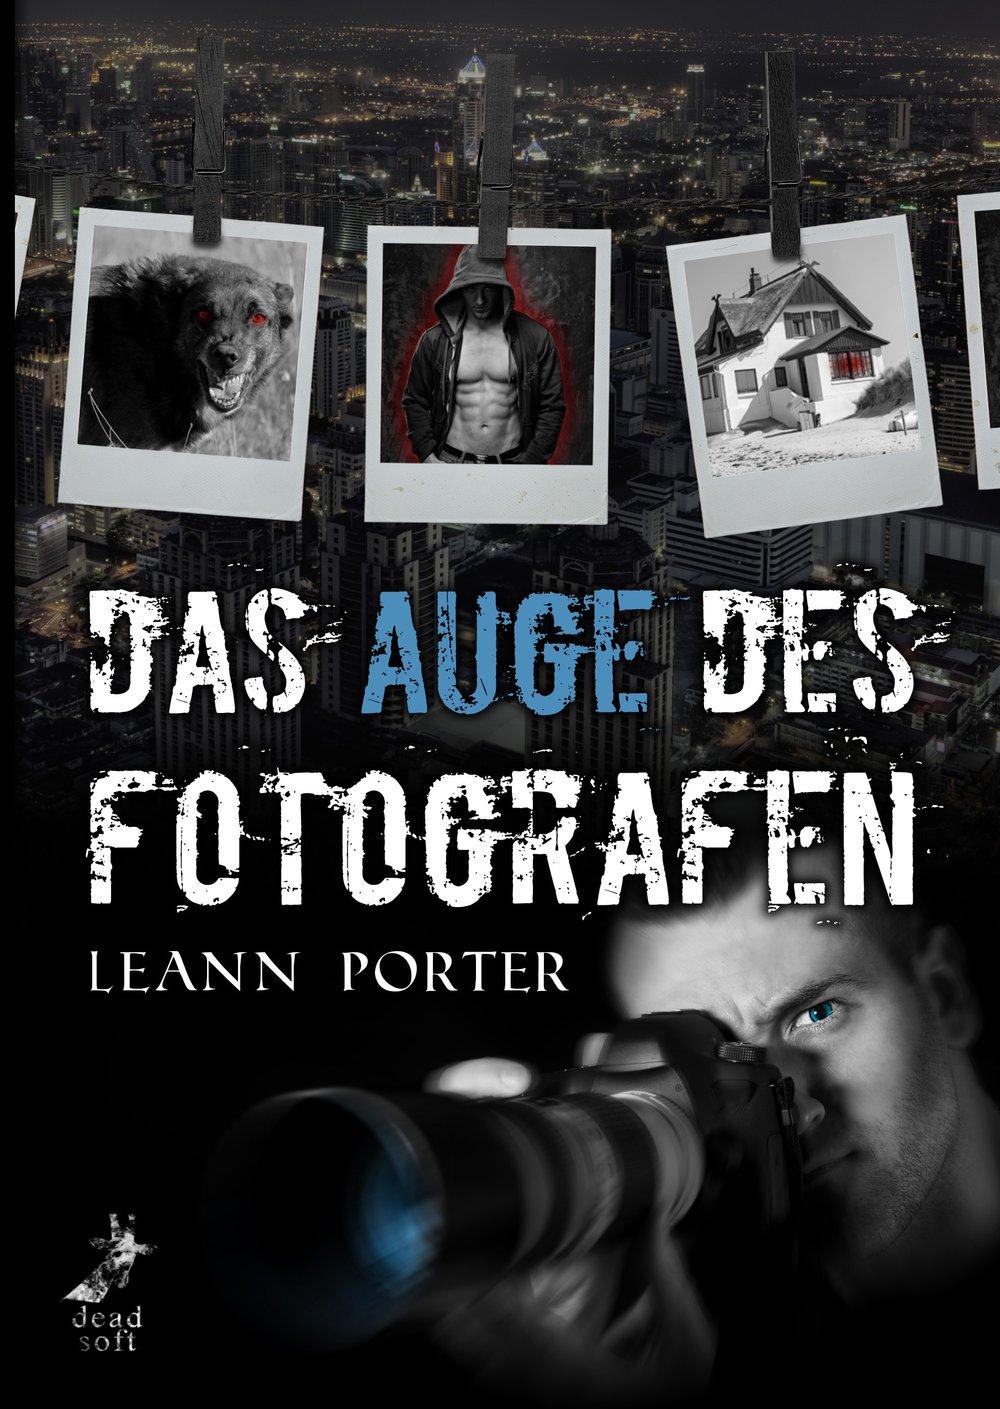 Porter_Leann_Das_Auge_des_Fotografen_phantastik-autoren-netzwerk.jpg